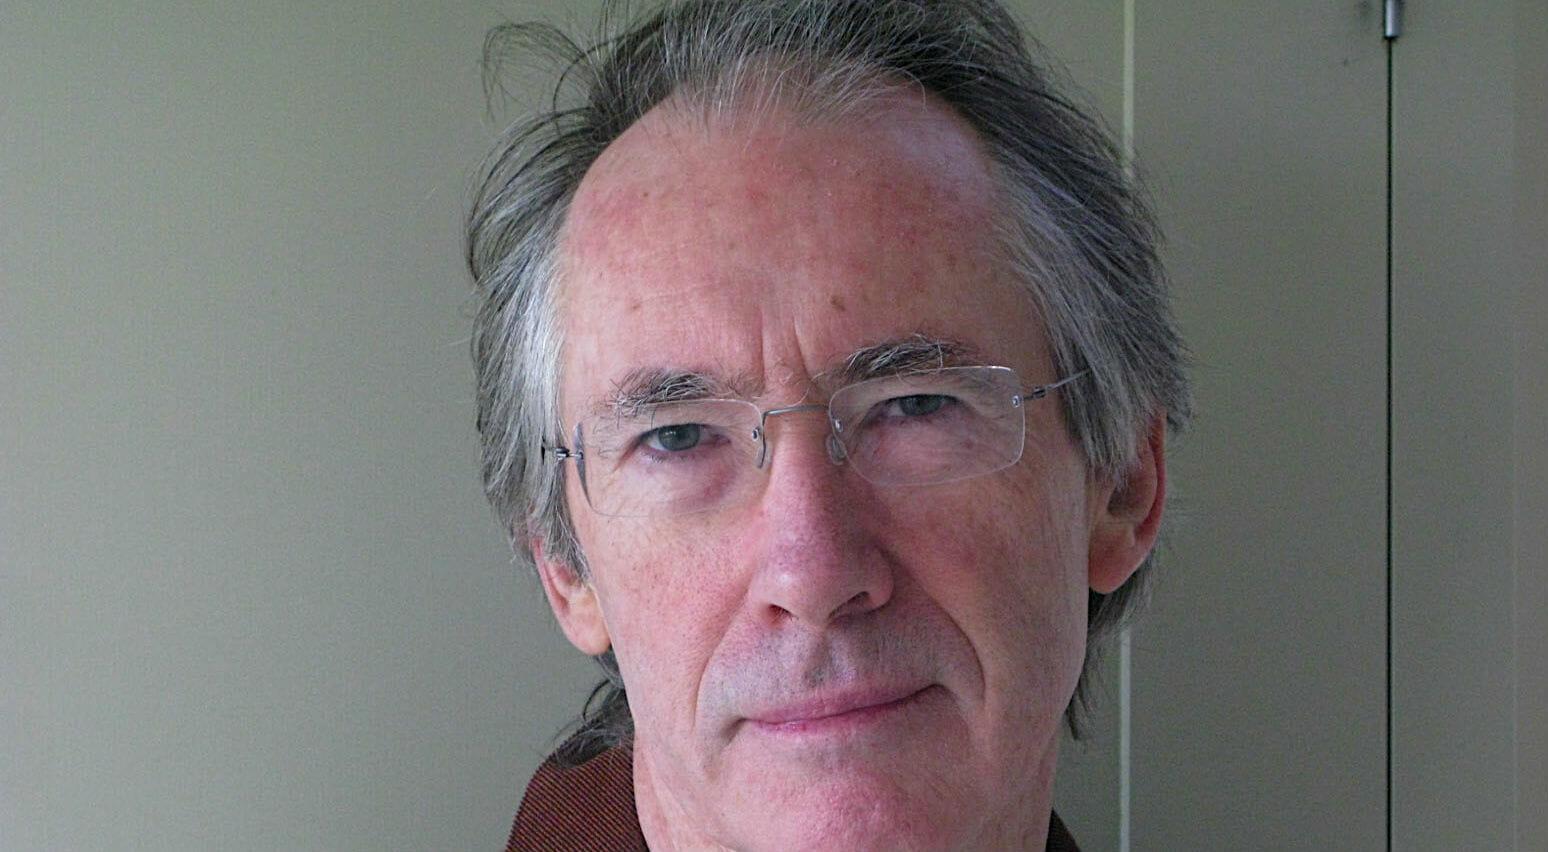 Ian McEwan si racconta (la raccolta delle interviste agli scrittori di Enrico Franceschini)